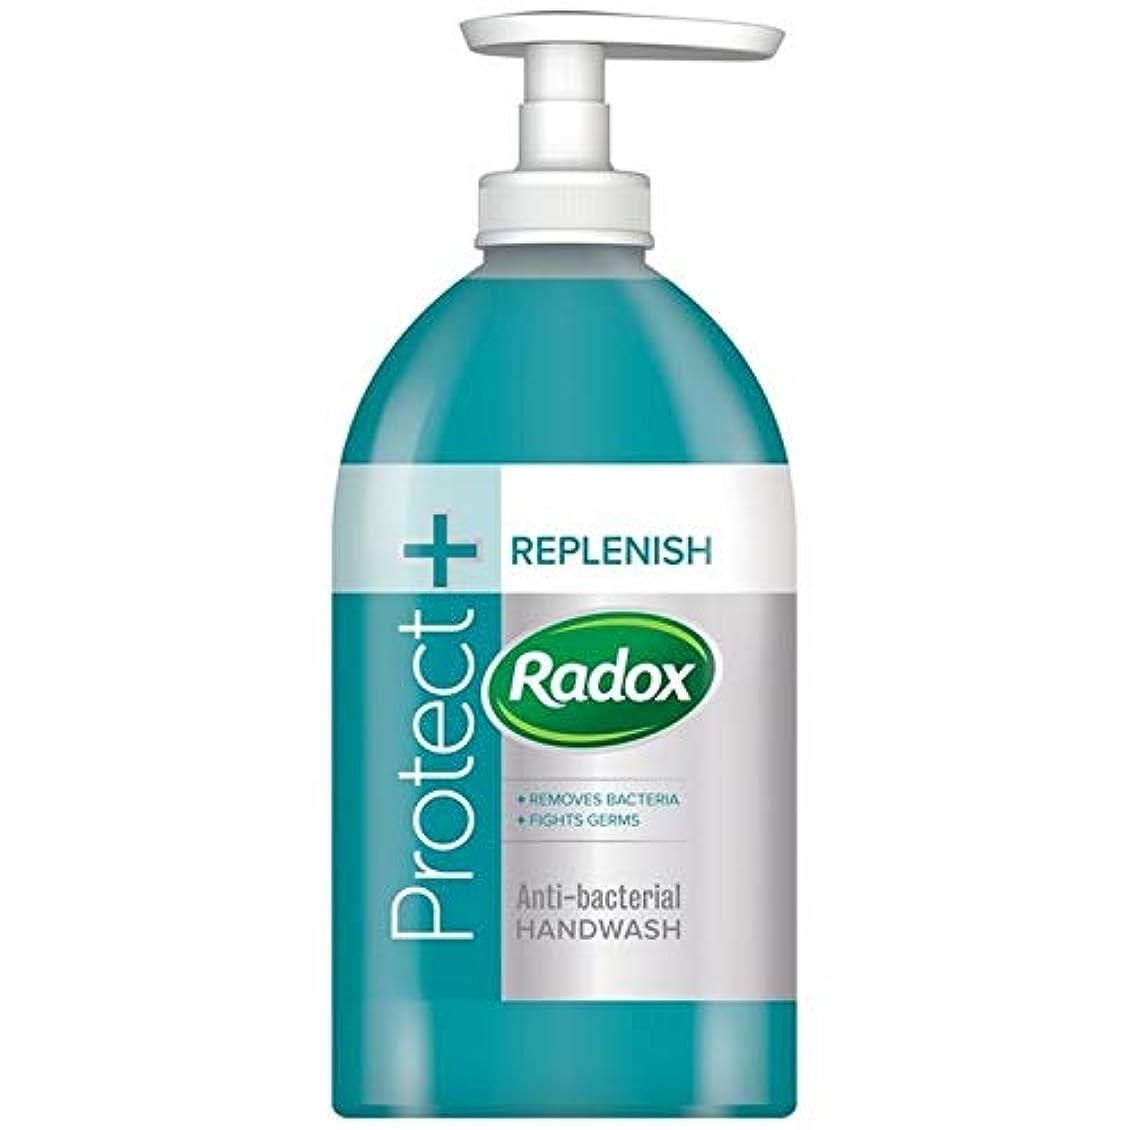 太平洋諸島寸法改善[Radox] Radox抗菌剤および補充手洗いの500ミリリットル - Radox Antibacterial and Replenishing Handwash 500ml [並行輸入品]